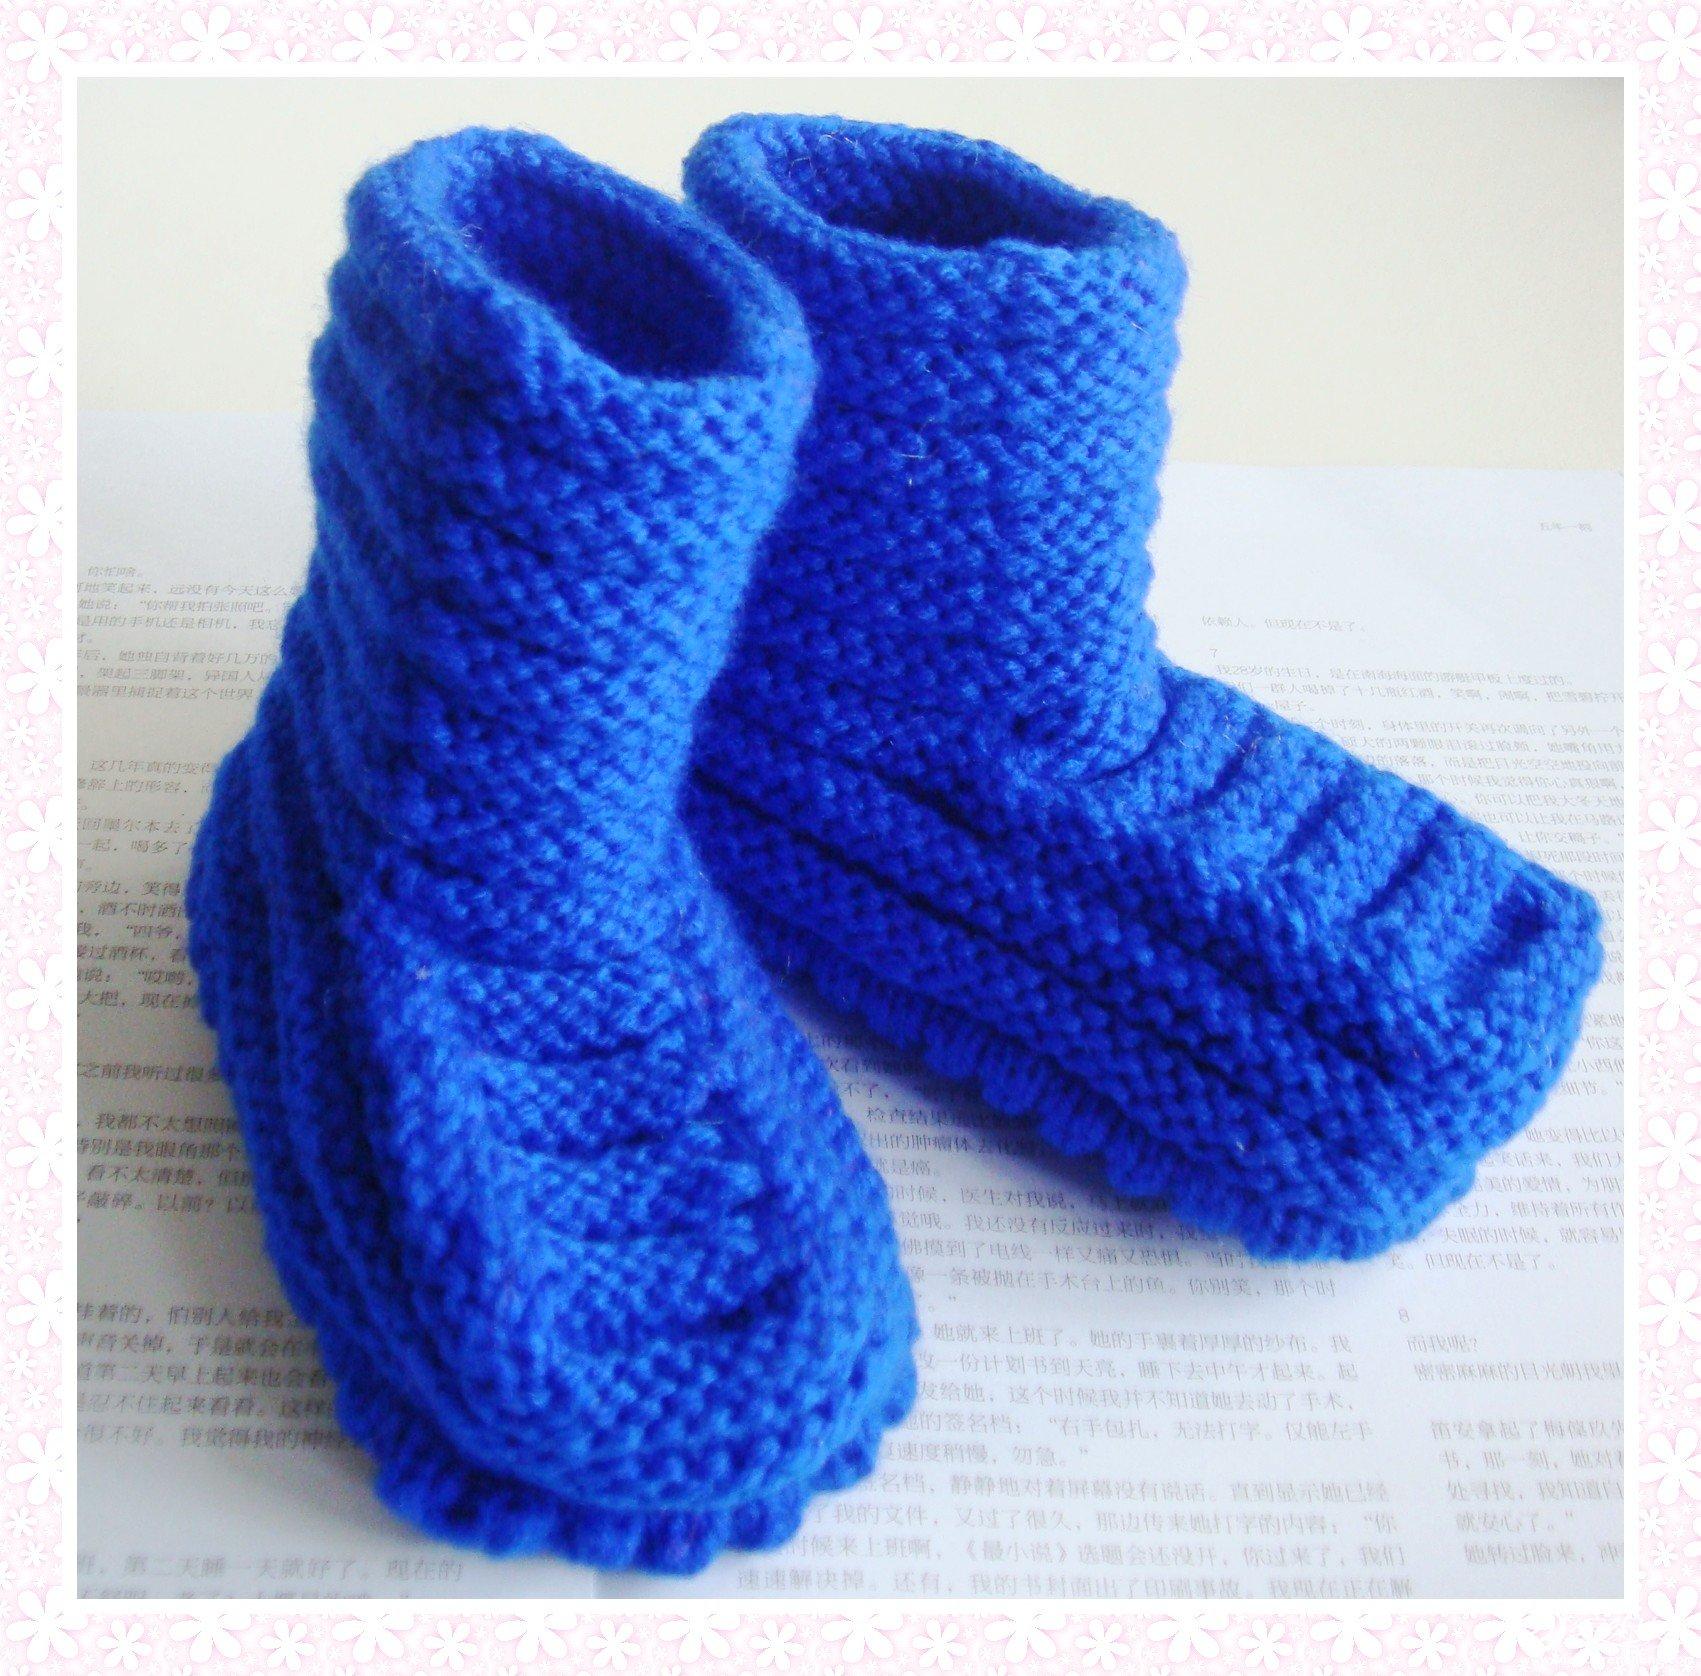 蓝靴子.jpg